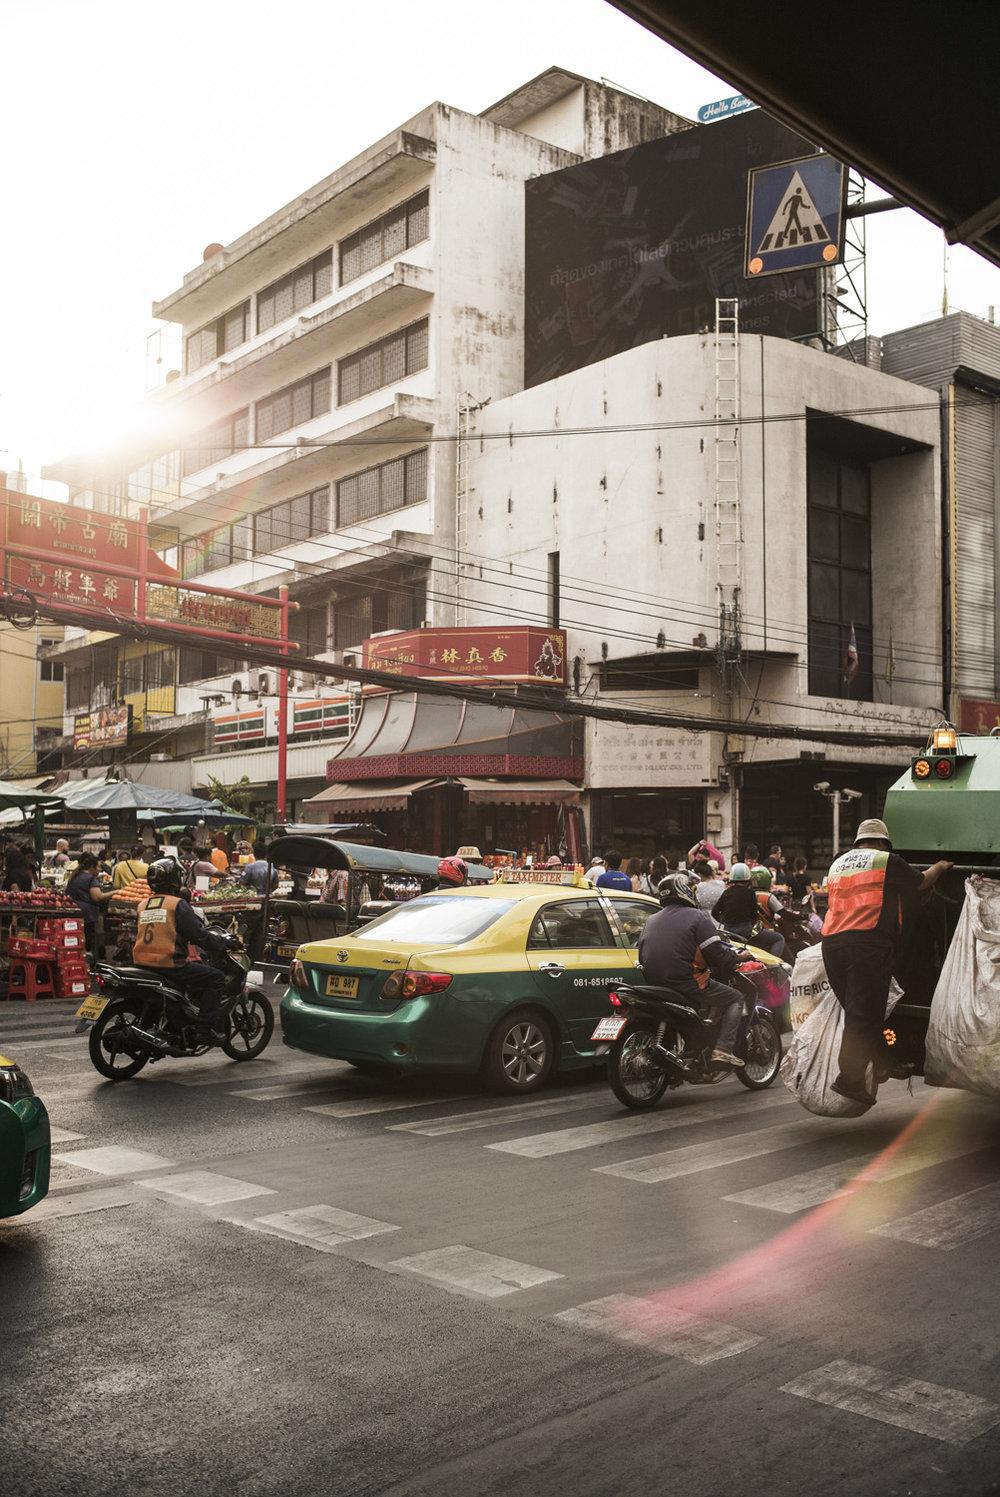 fabian stuertz 2018.12.26 - bangkok, thailand 0022-c.jpg